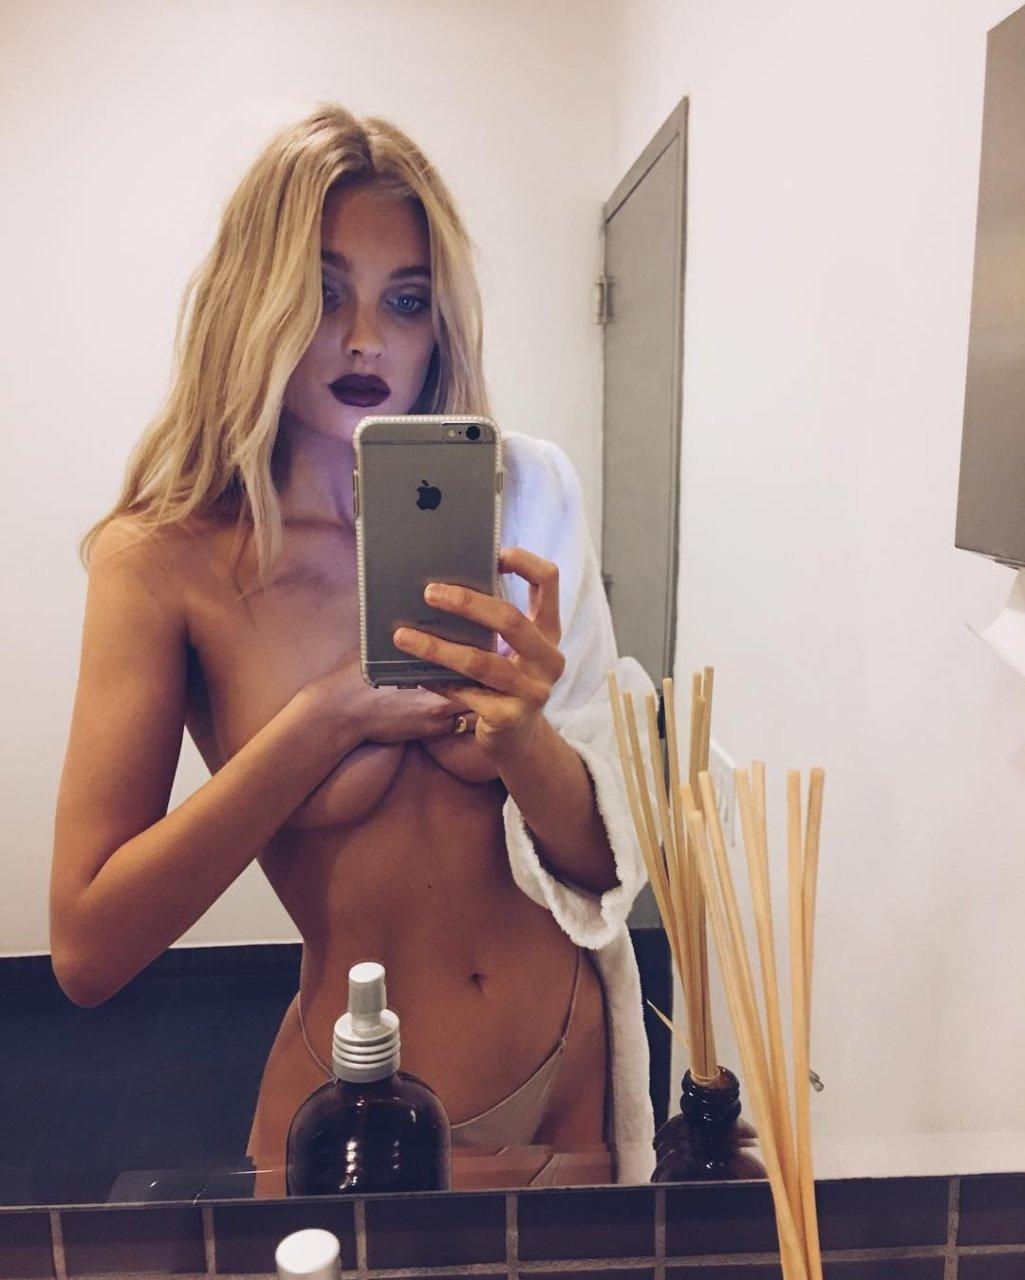 muslim girls big tits nude pics